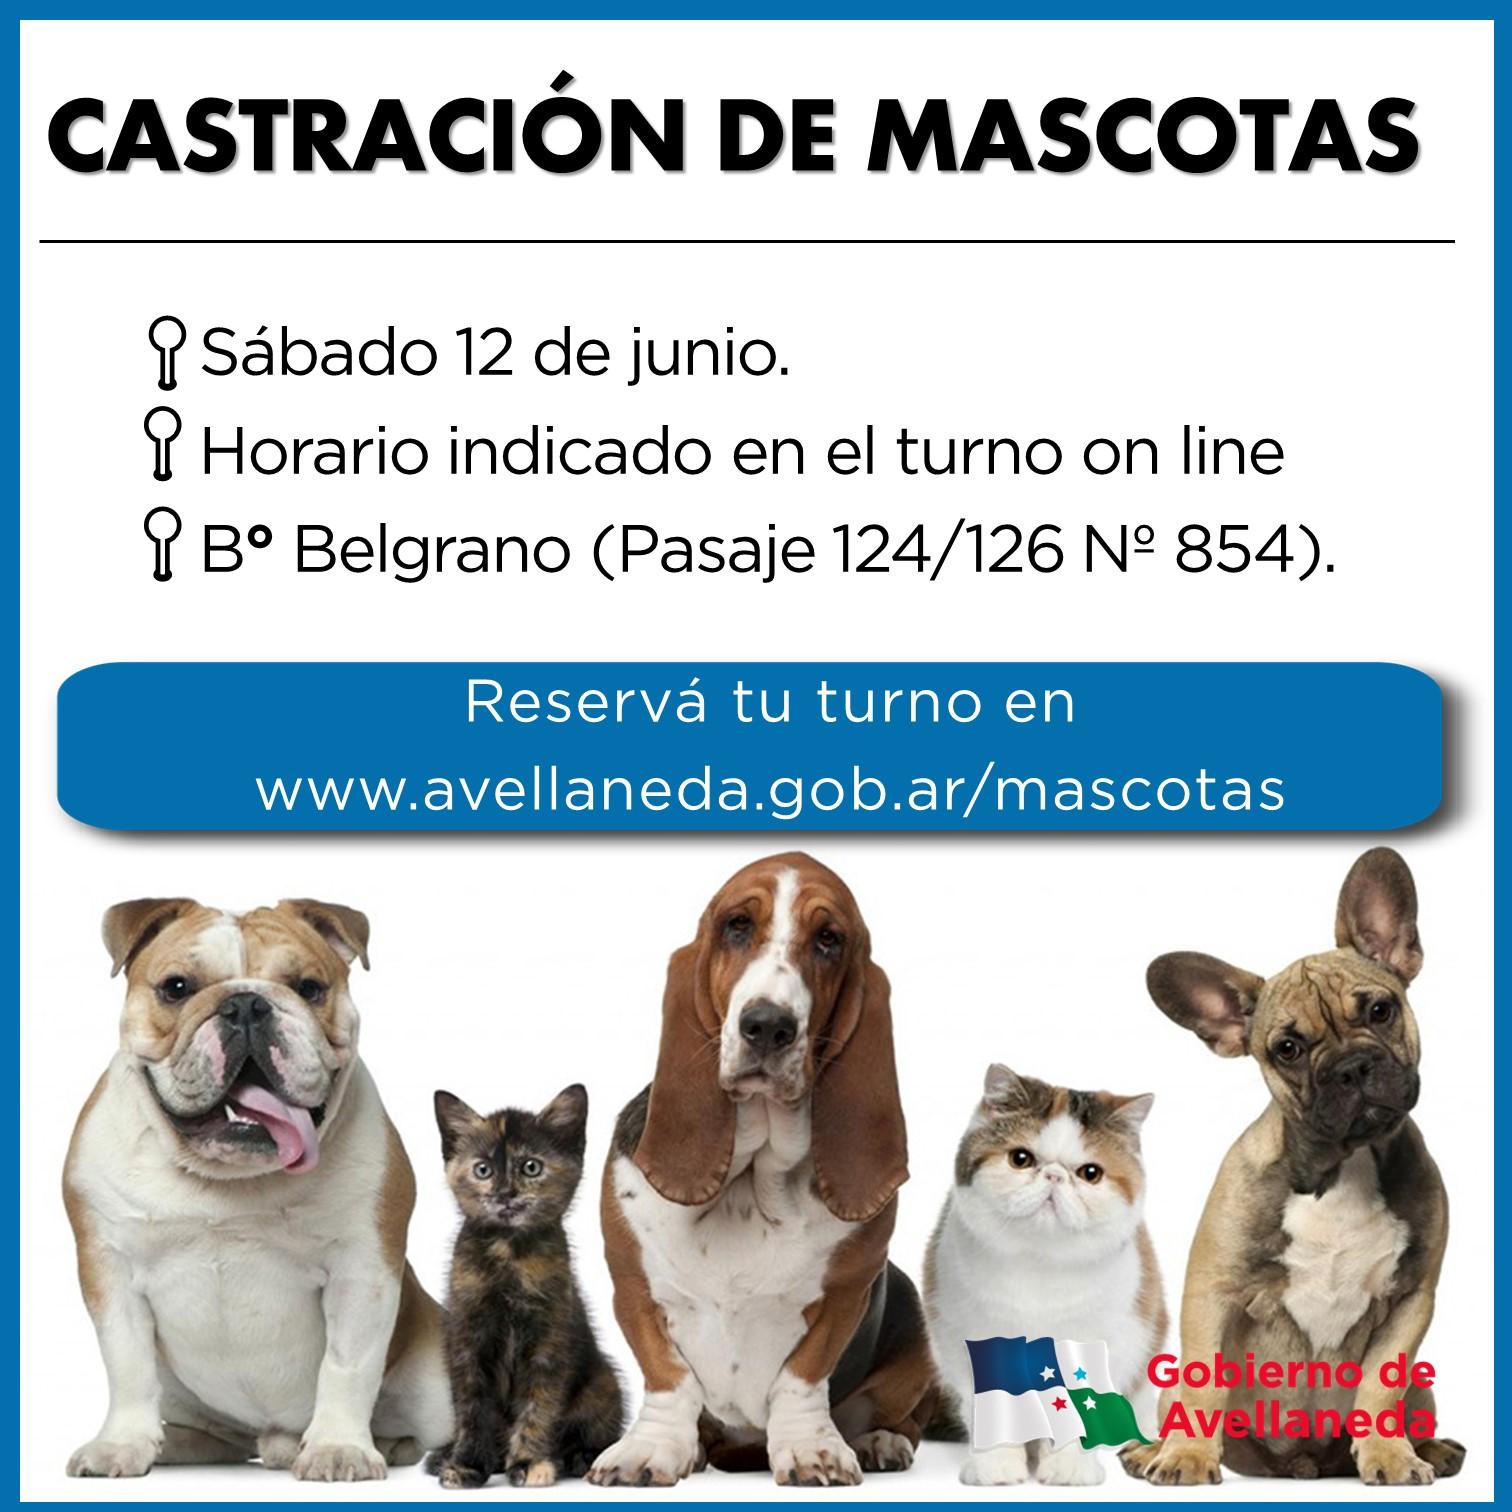 Castraciones de mascotas en Avellaneda